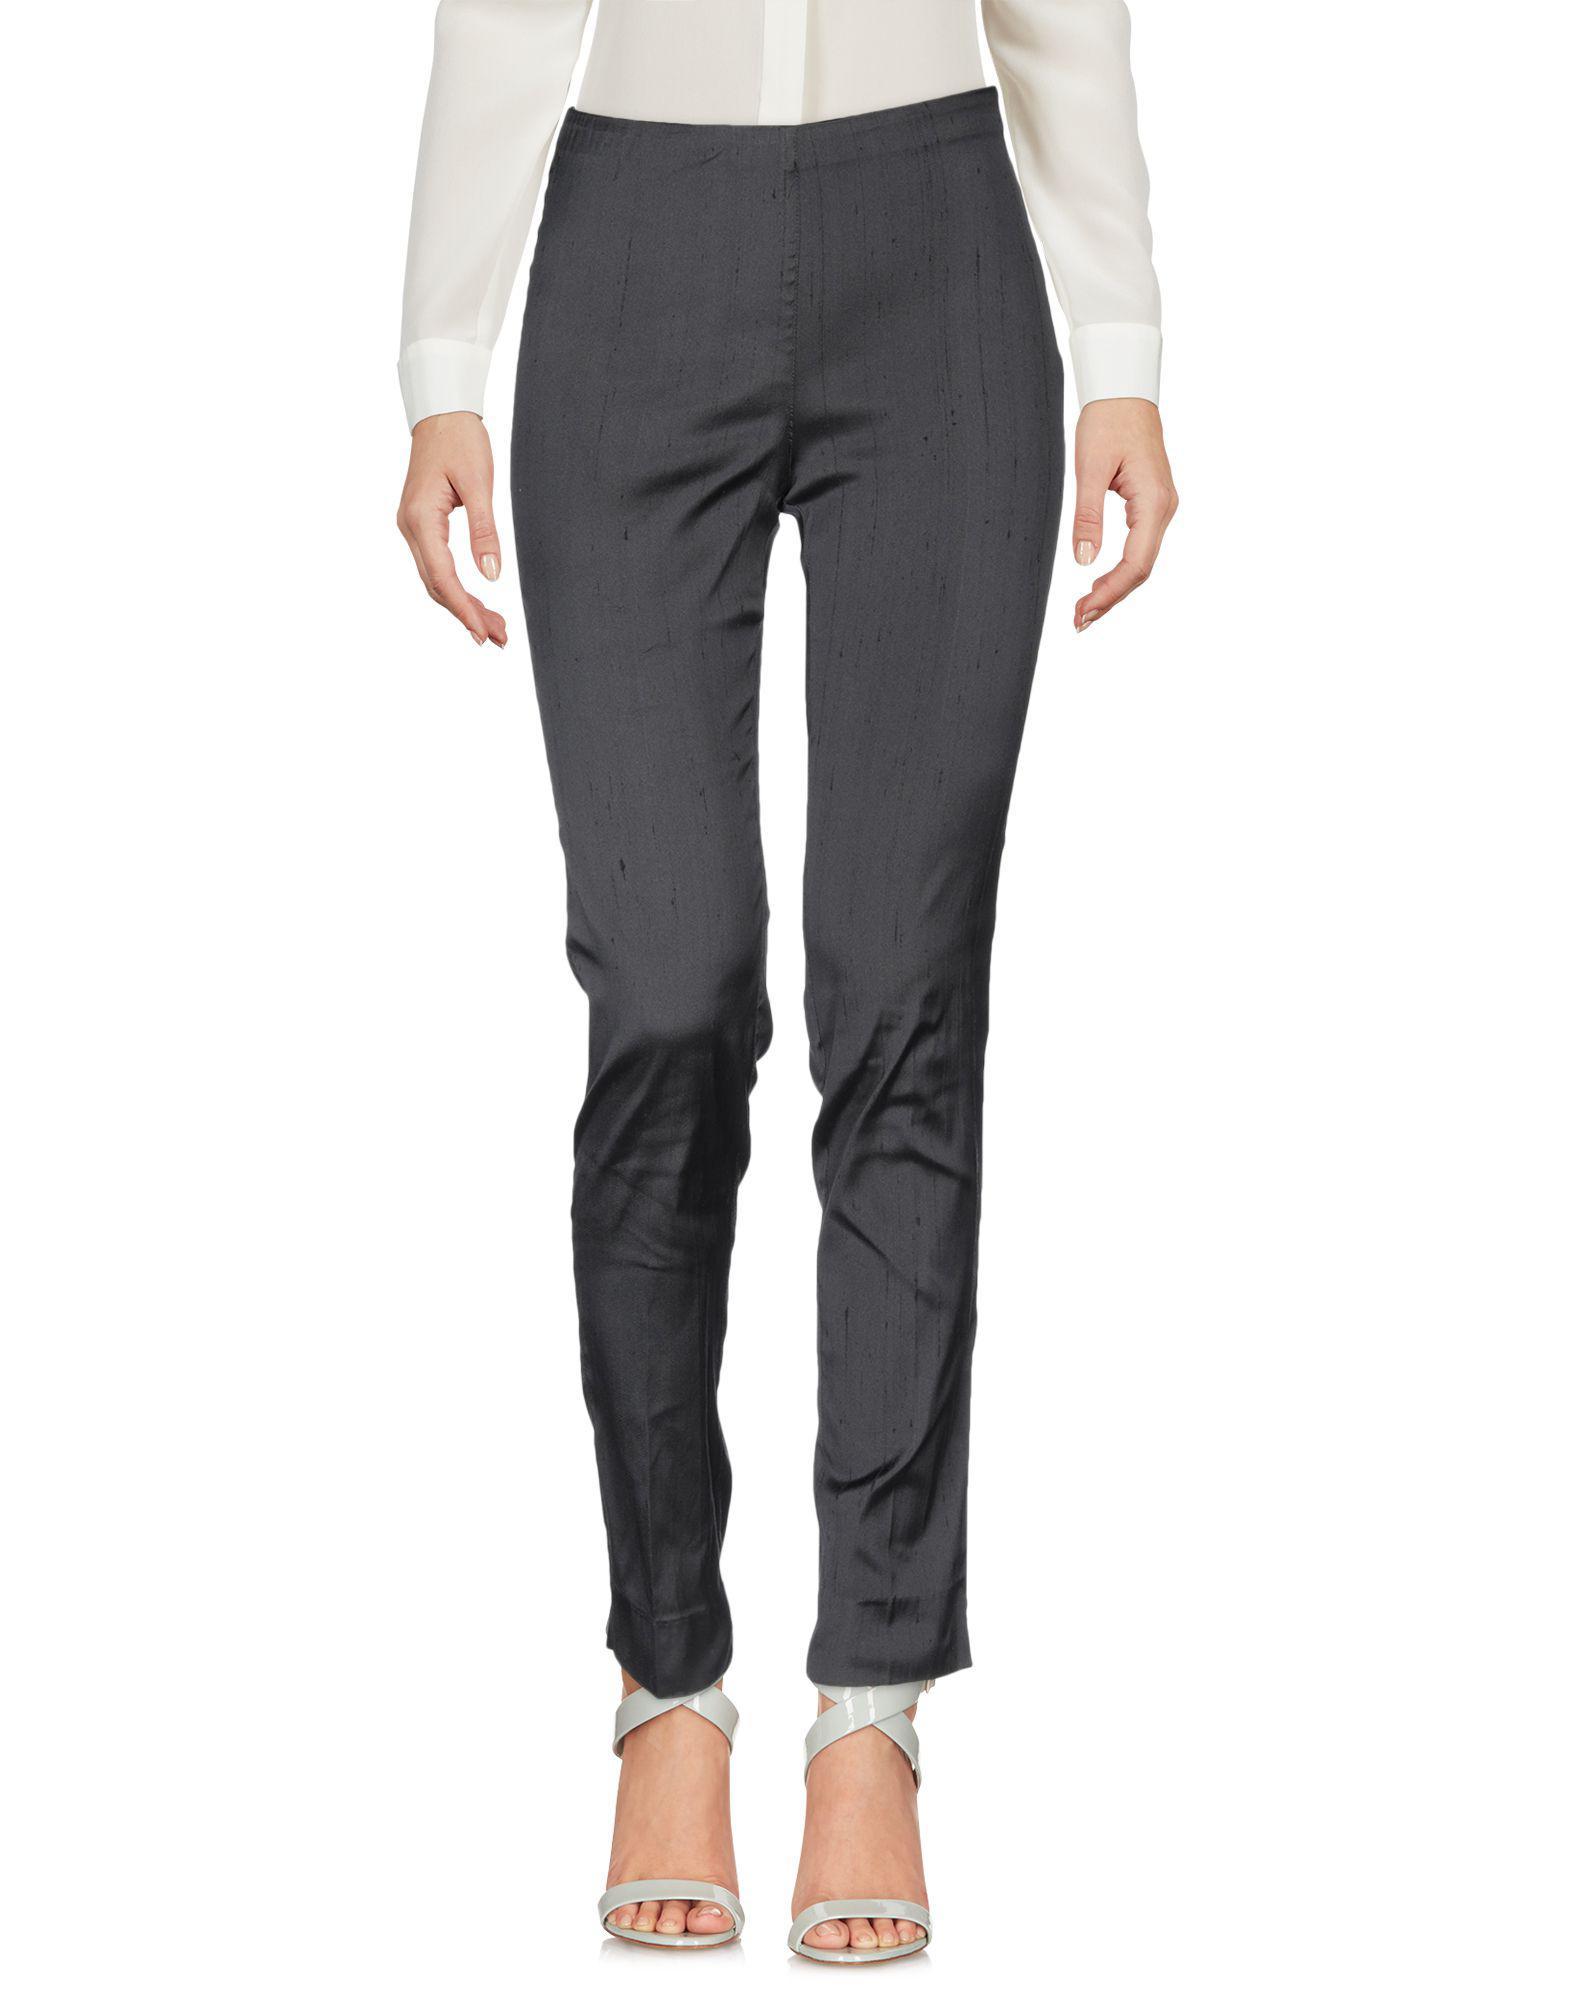 Pantalones P.A.R.O.S.H. de Seda de color Negro